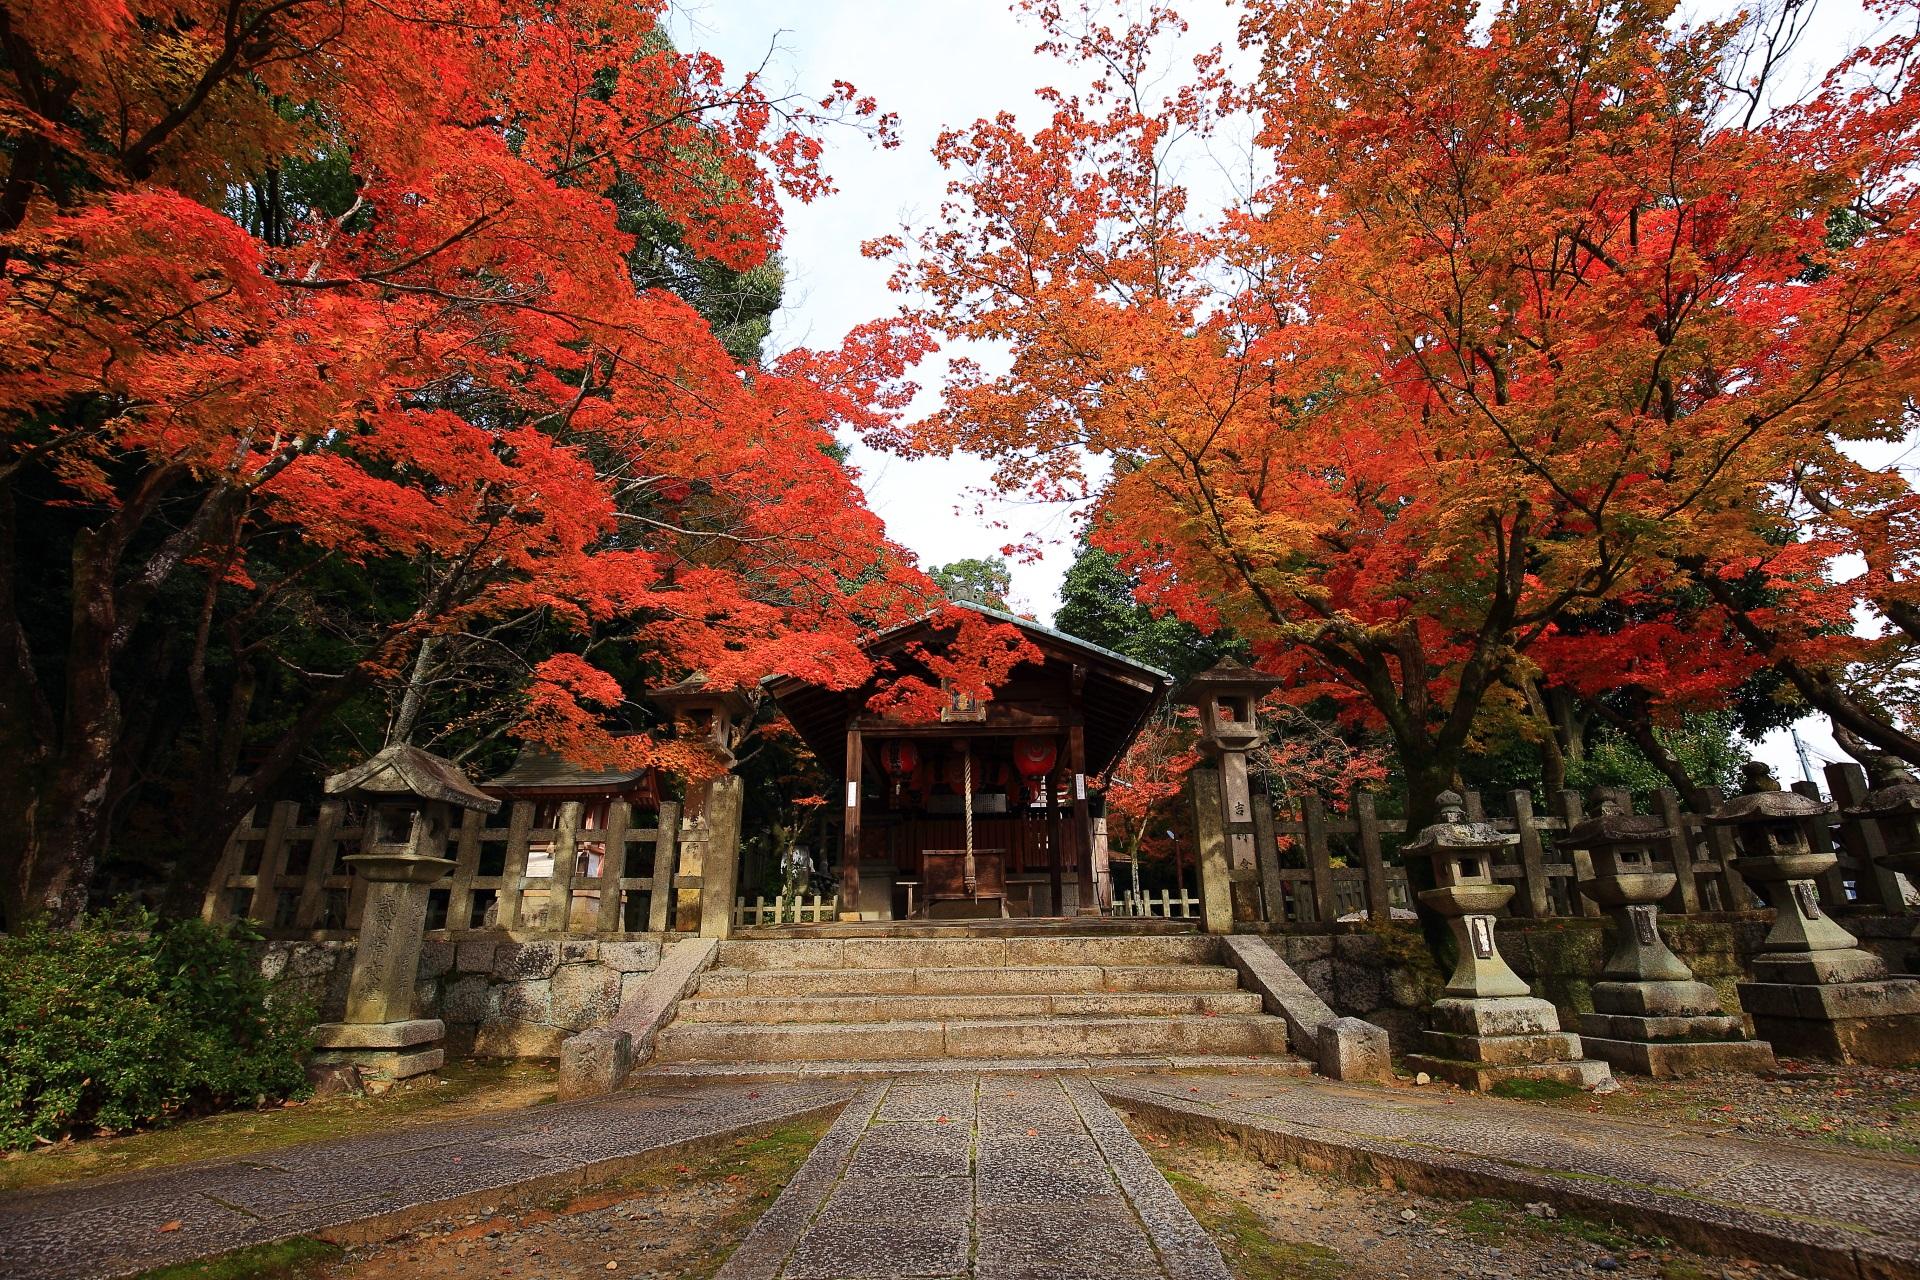 竹中稲荷神社の本殿と空を覆う紅葉